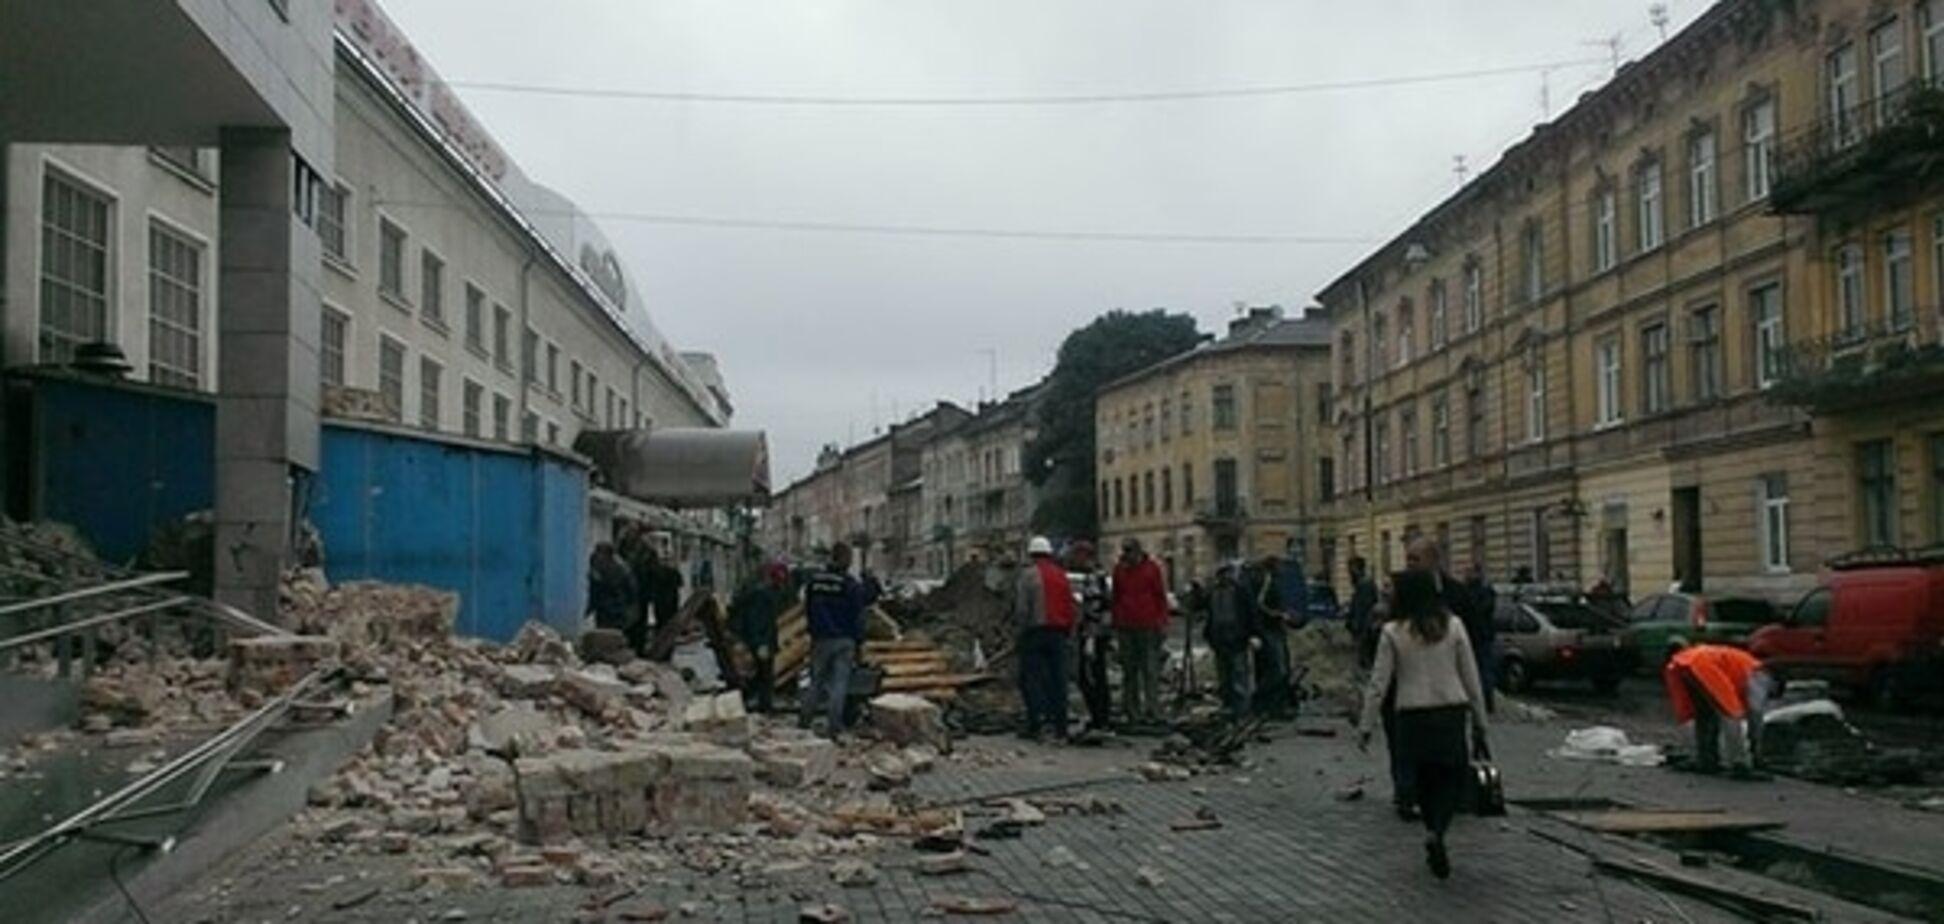 Чудом не задело: после открытия ТЦ во Львове рухнула соседняя стена. Фотофакт